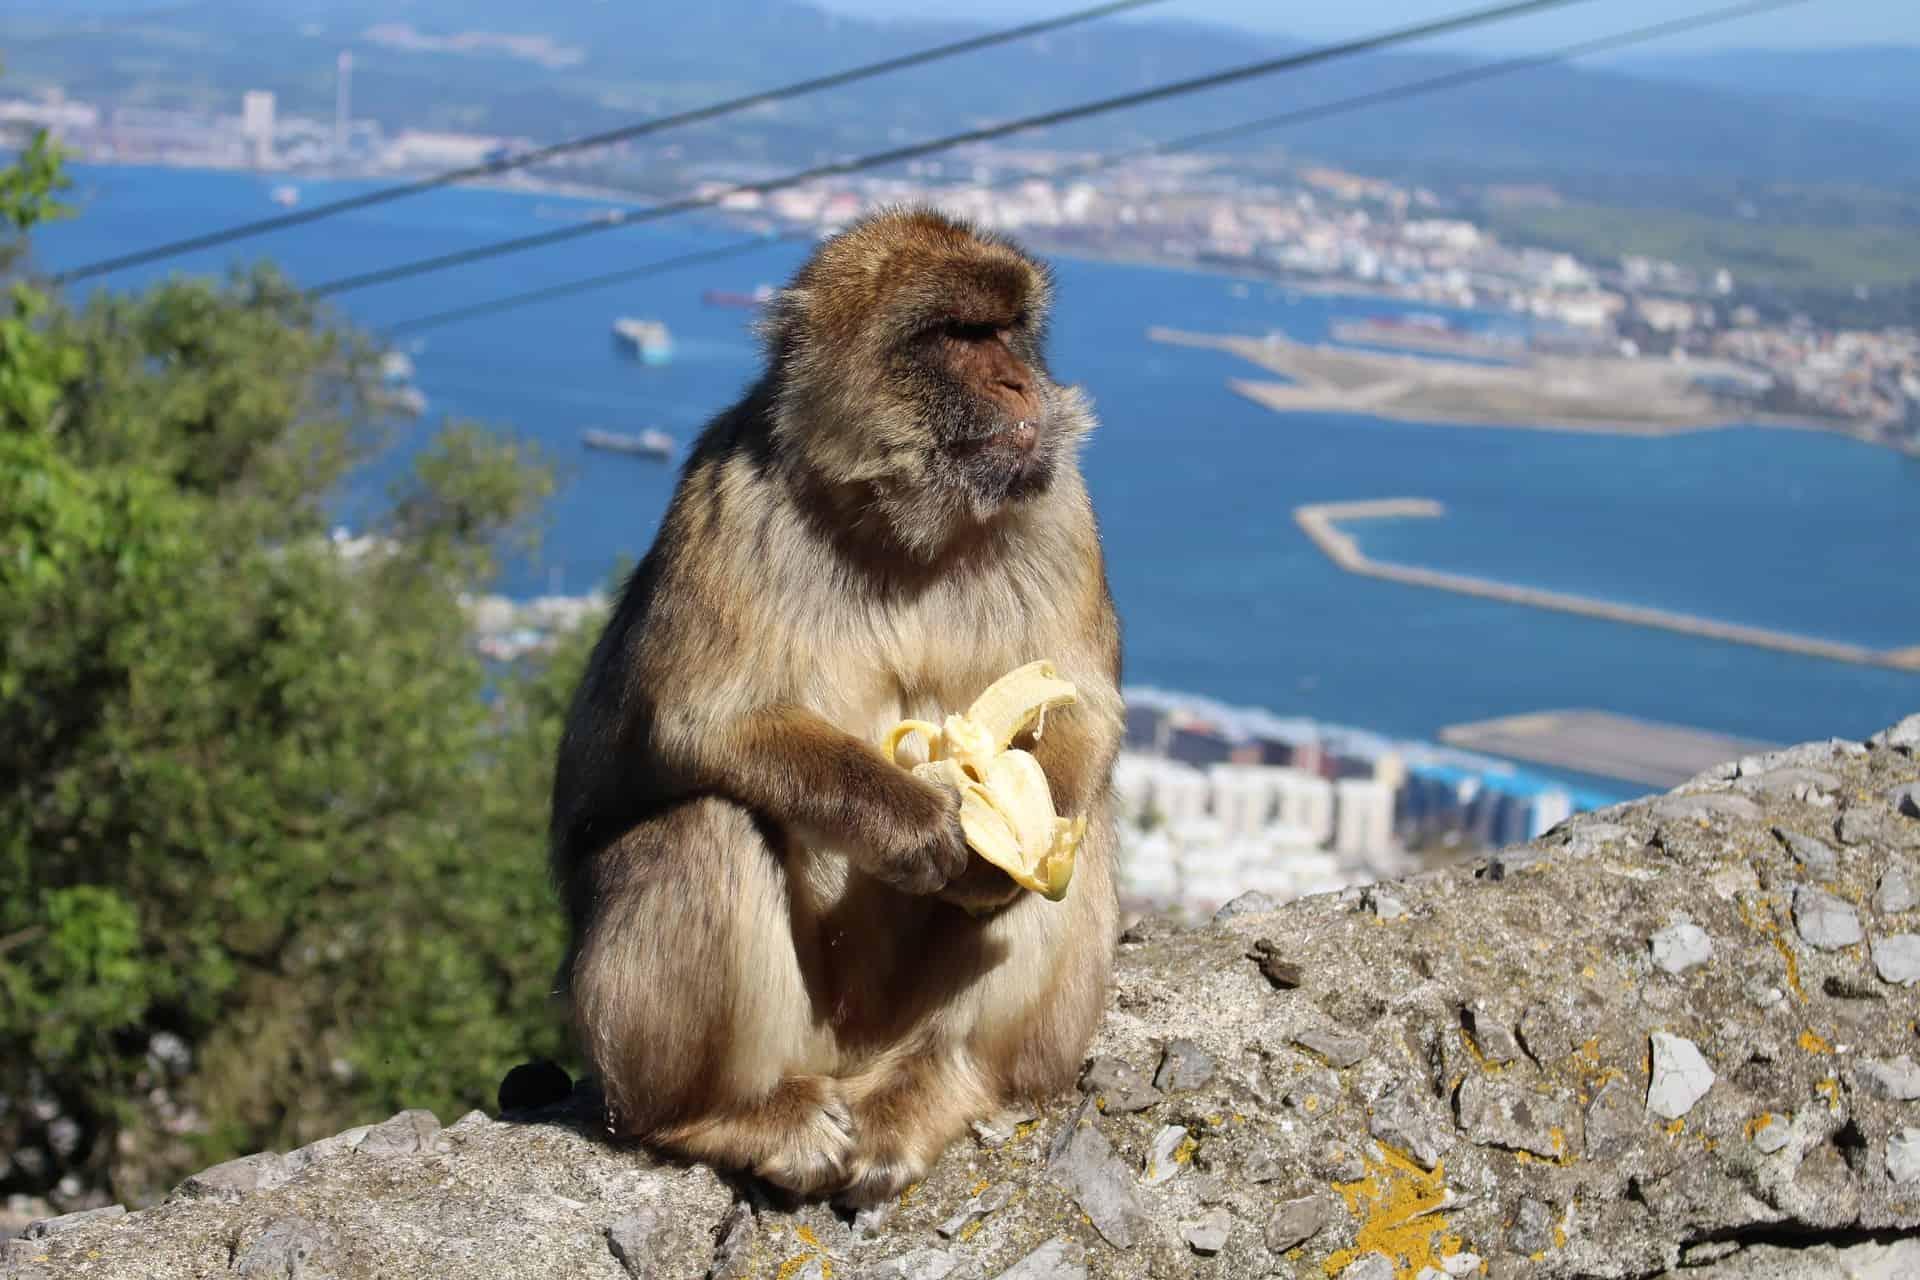 ape banana gibraltar mediterranean rock